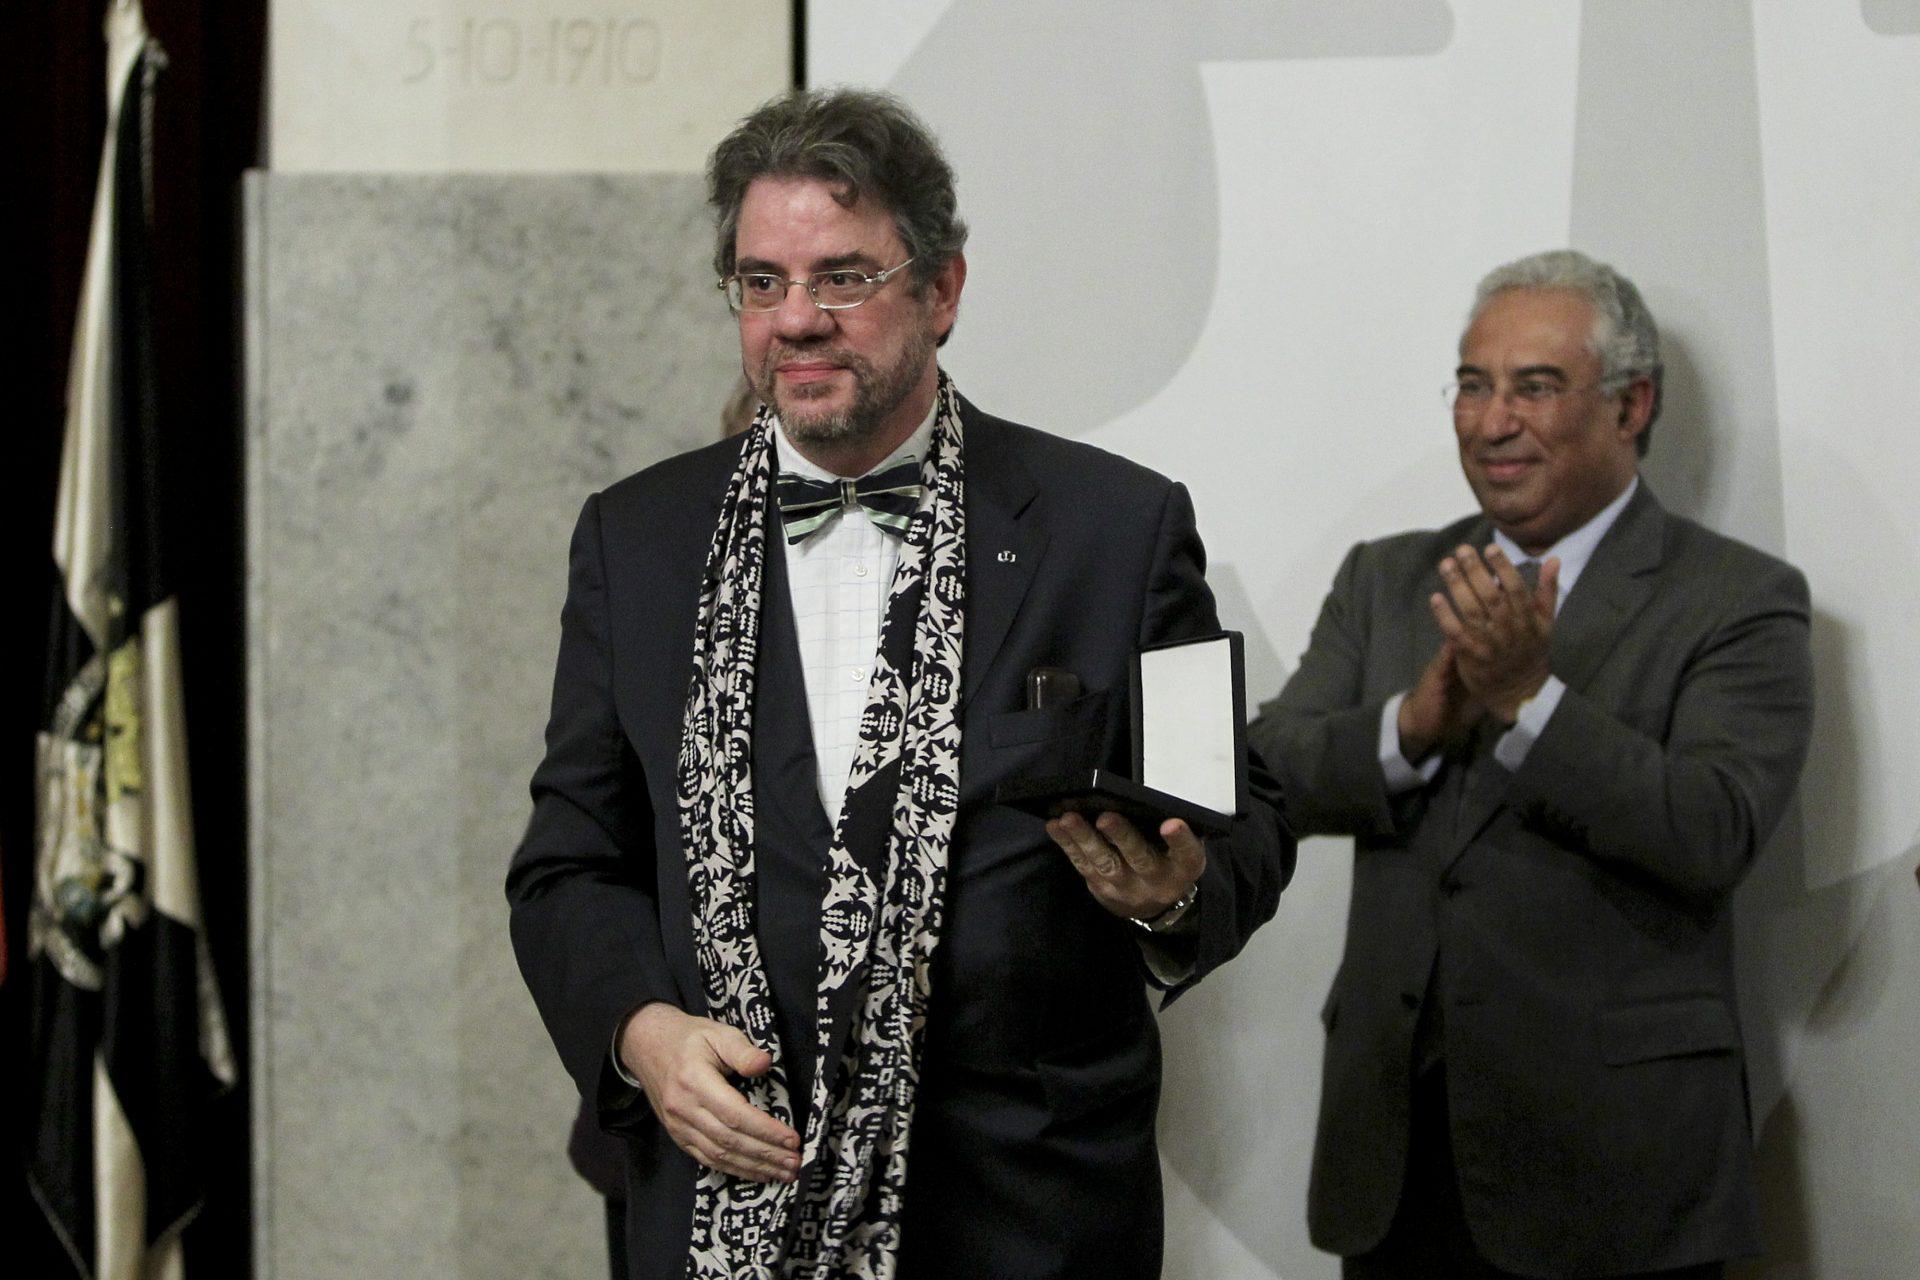 Palestra de Rui Vieira Nery sobre fado, em Londres